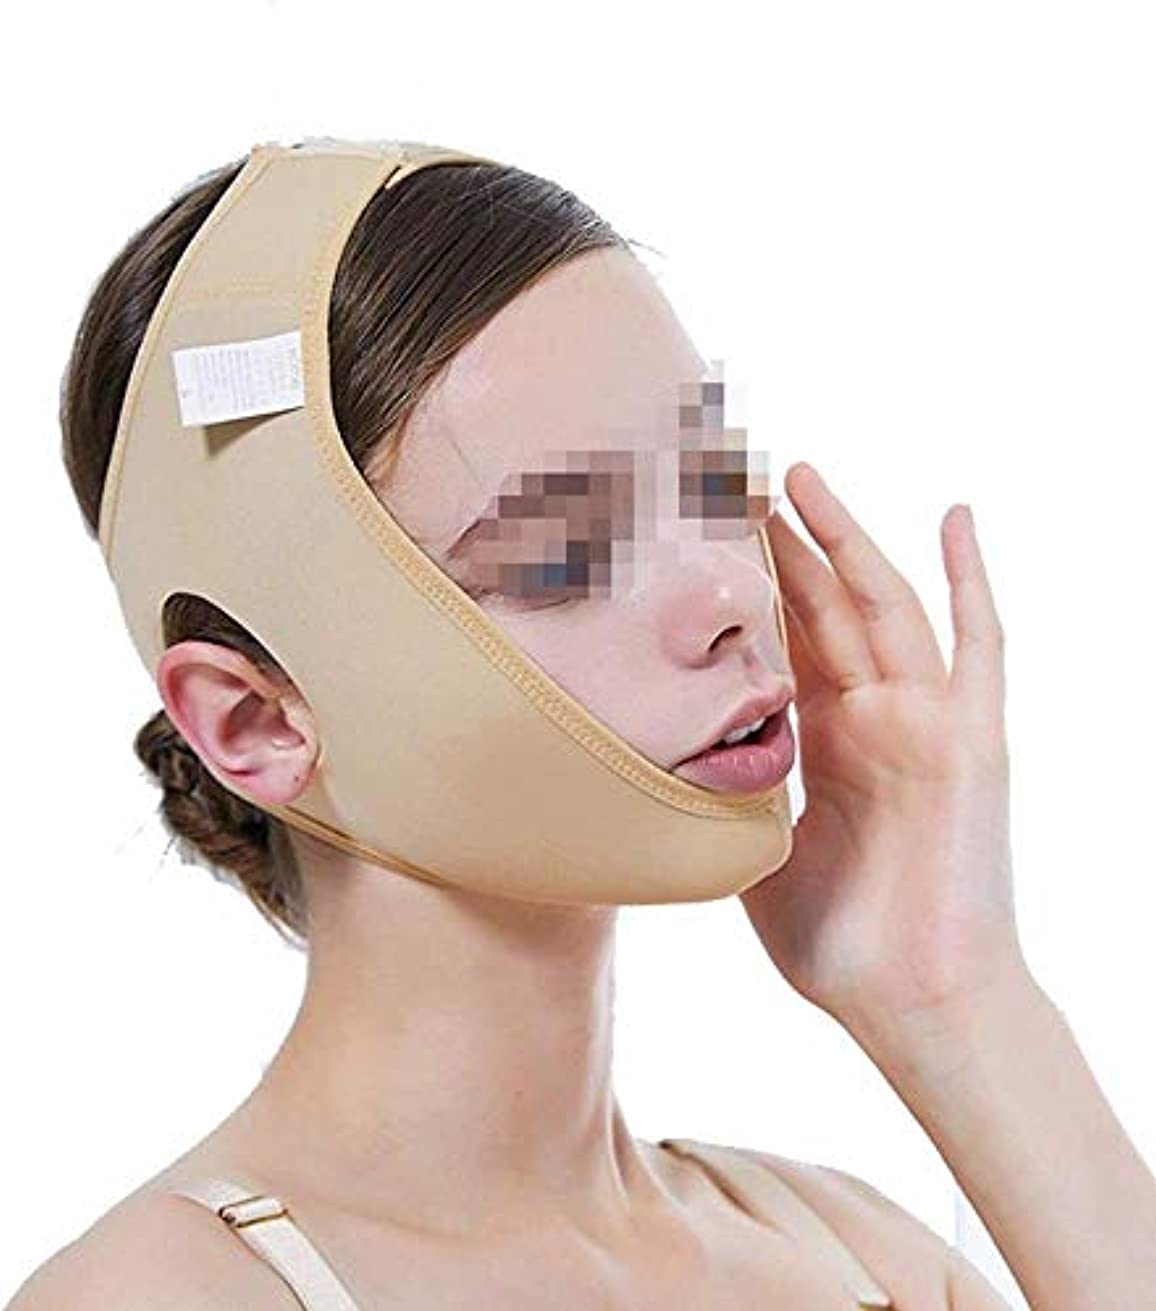 迷路聴覚障害者意見美容と実用的な術後ヘッドギア、薄型ダブルチンVフェイスビームフェイスジョーセットフェイスマスクマルチサイズオプション(サイズ:XS)